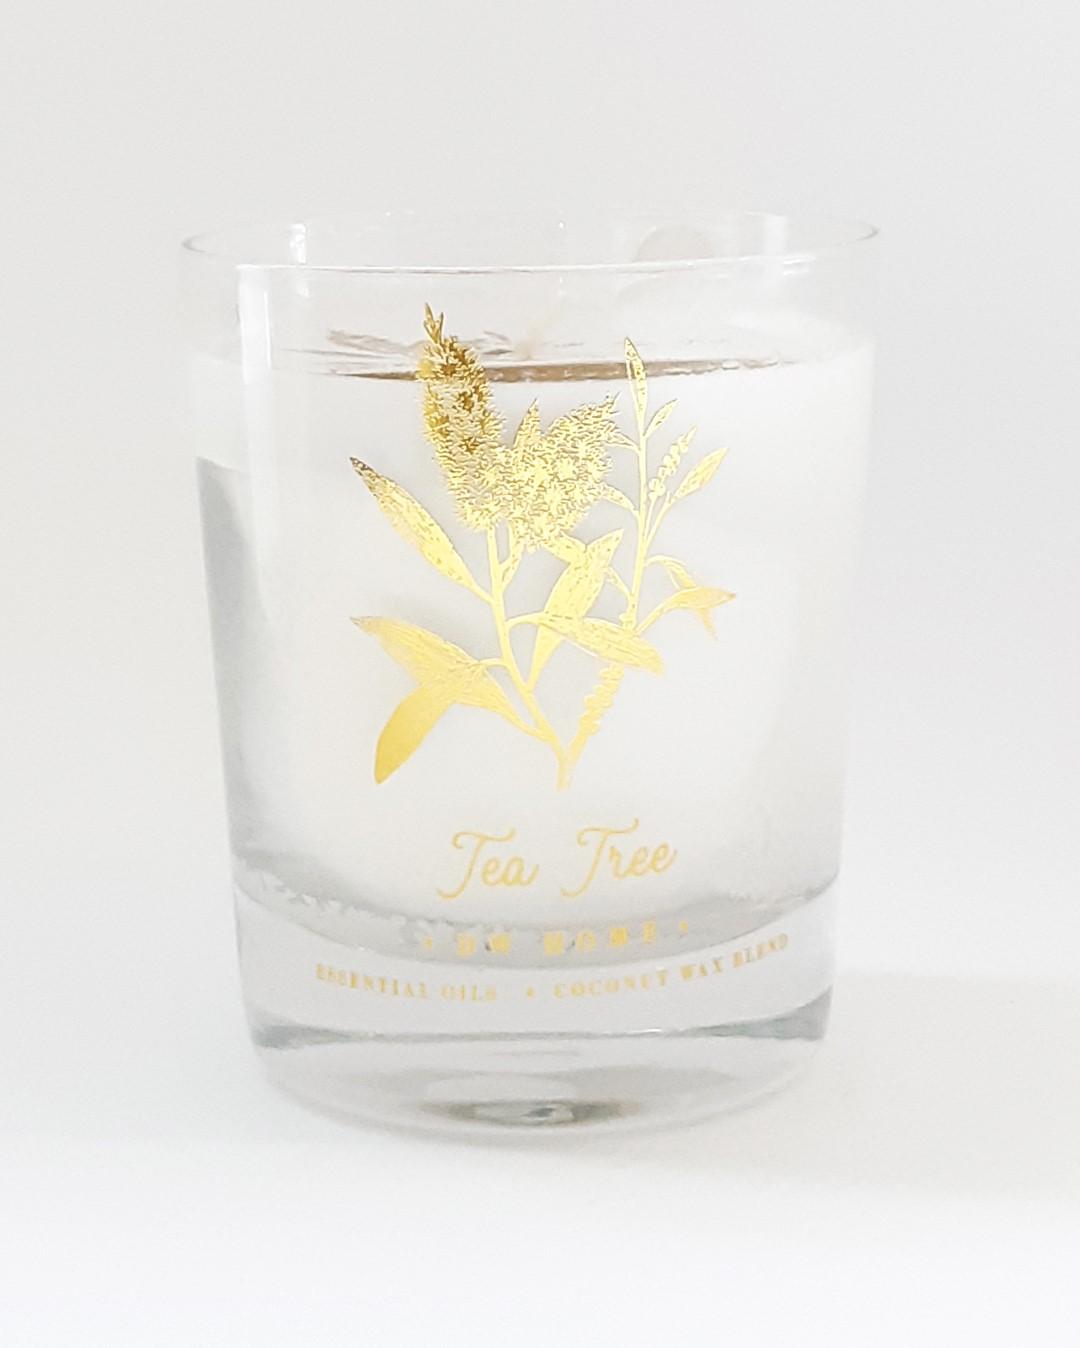 נר בכלי זכוכית עם בסיס עבה ועיטור זהב - Tea Tree